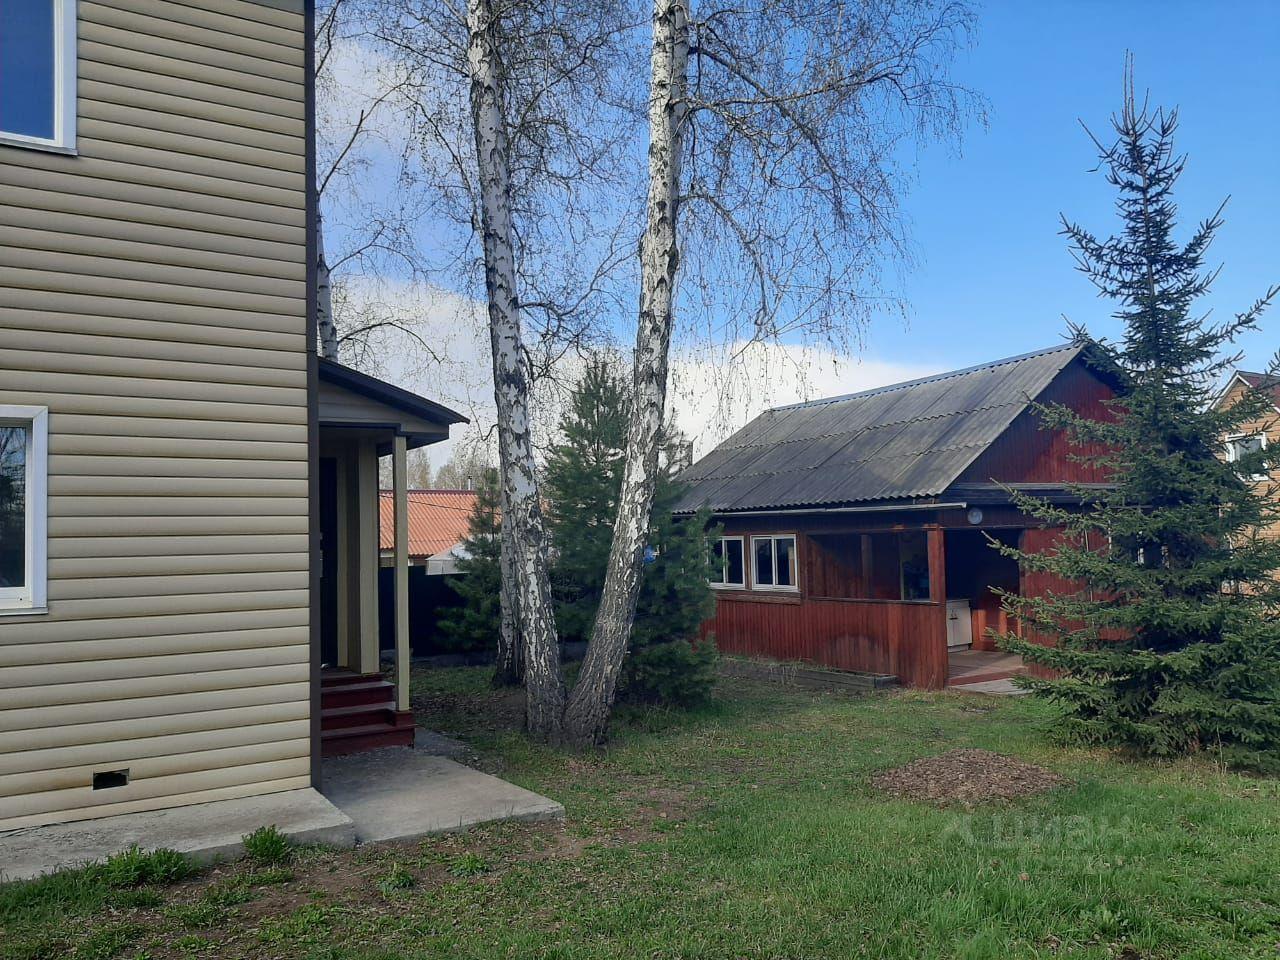 Продаю дом 143м² Иркутская область, Иркутский район, Тонус СНТ - база ЦИАН, объявление 226134302